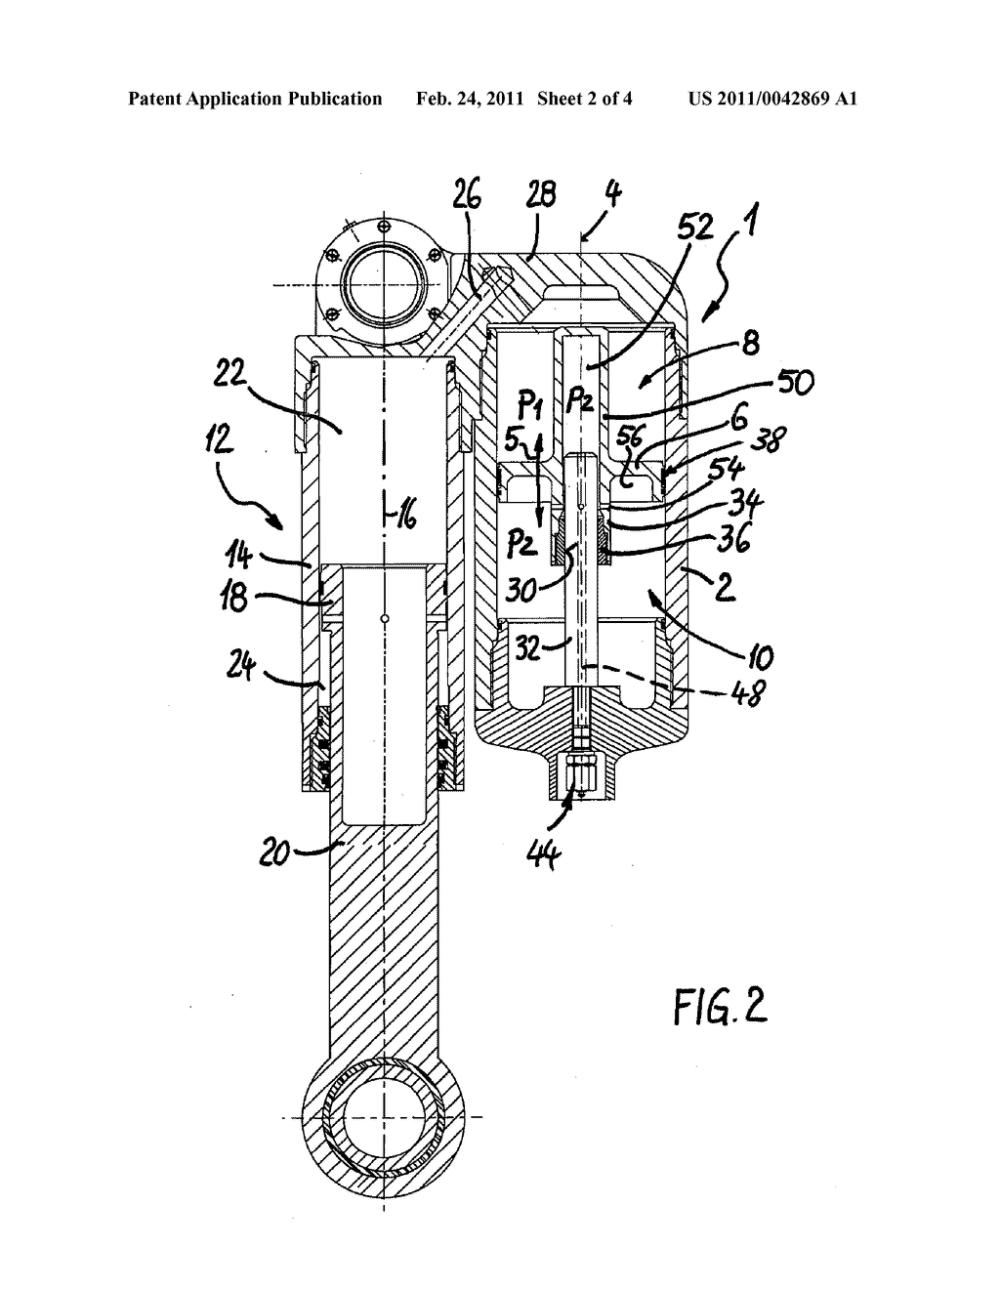 medium resolution of hydro pneumatic piston accumulator diagram schematic and image 03